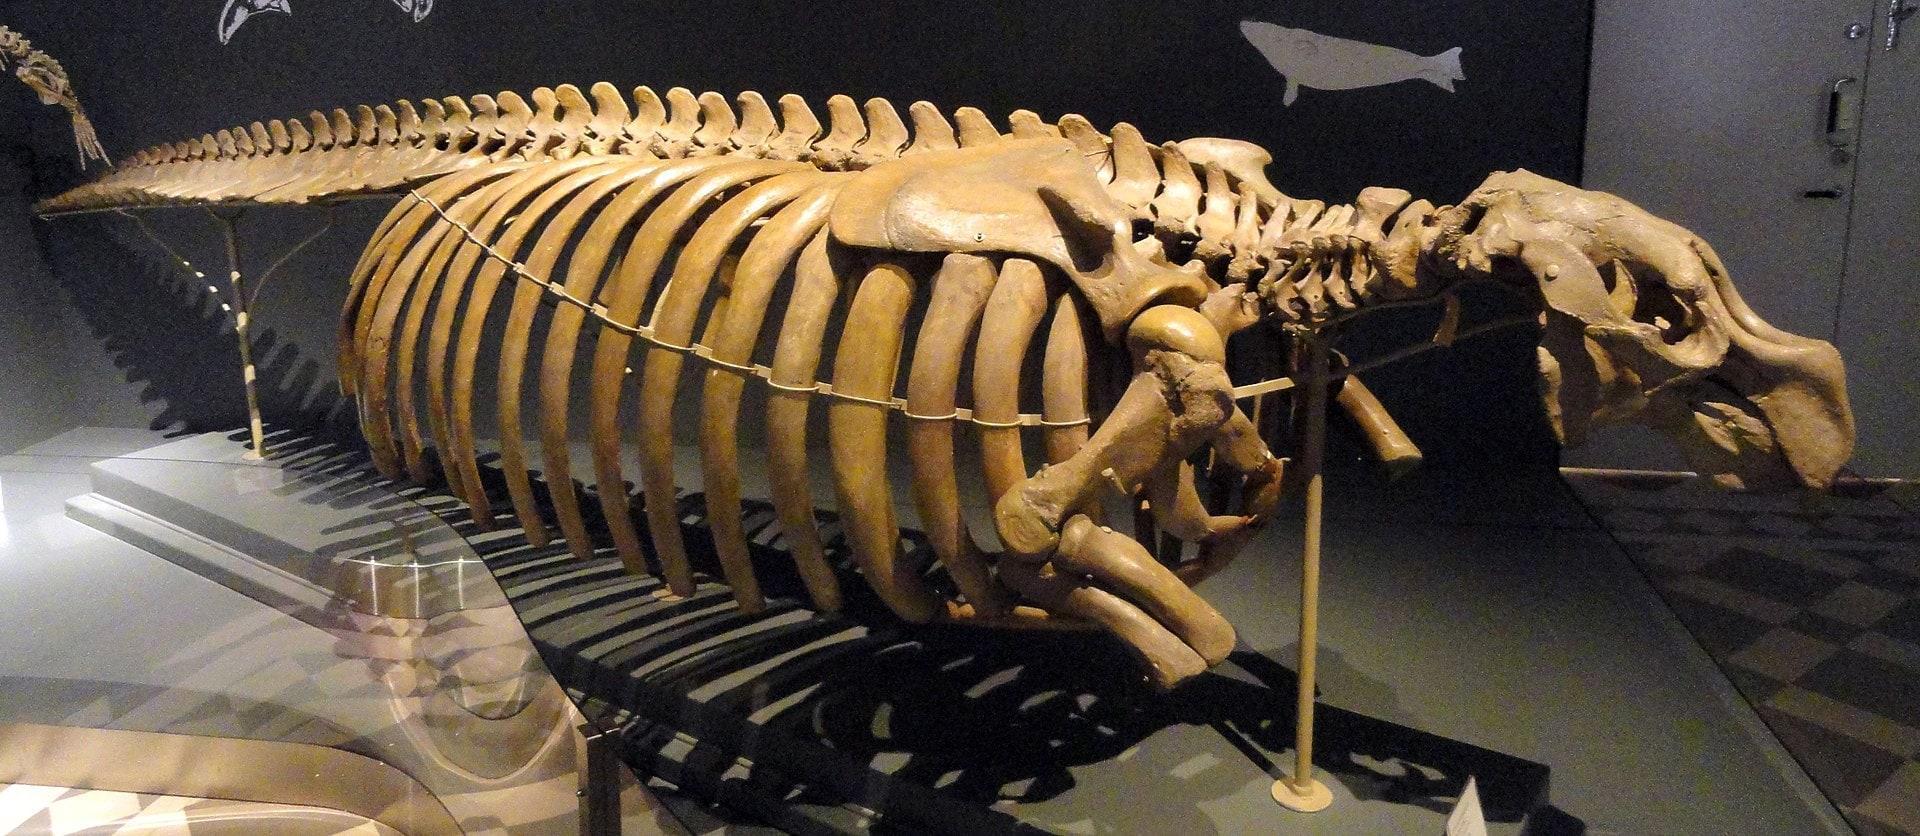 мтДНК стеллеровой коровы прочтена спустя 250 лет после её истребления